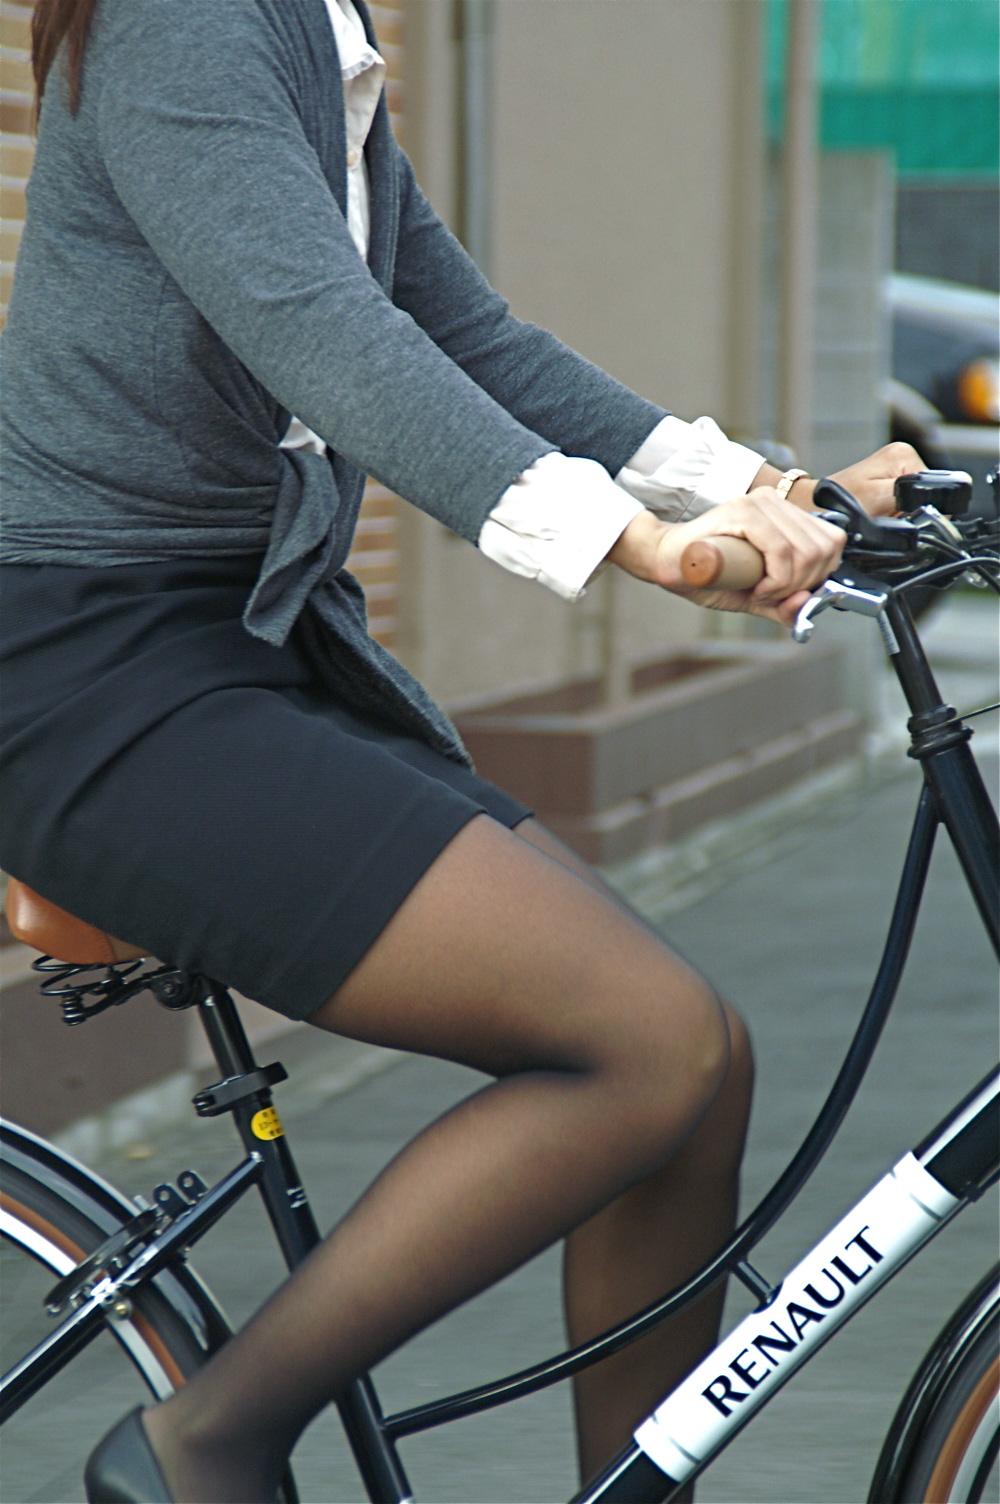 【街撮り自転車画像】おいサドル、代われ!と思ってしまいそうな自転車上の女尻 03